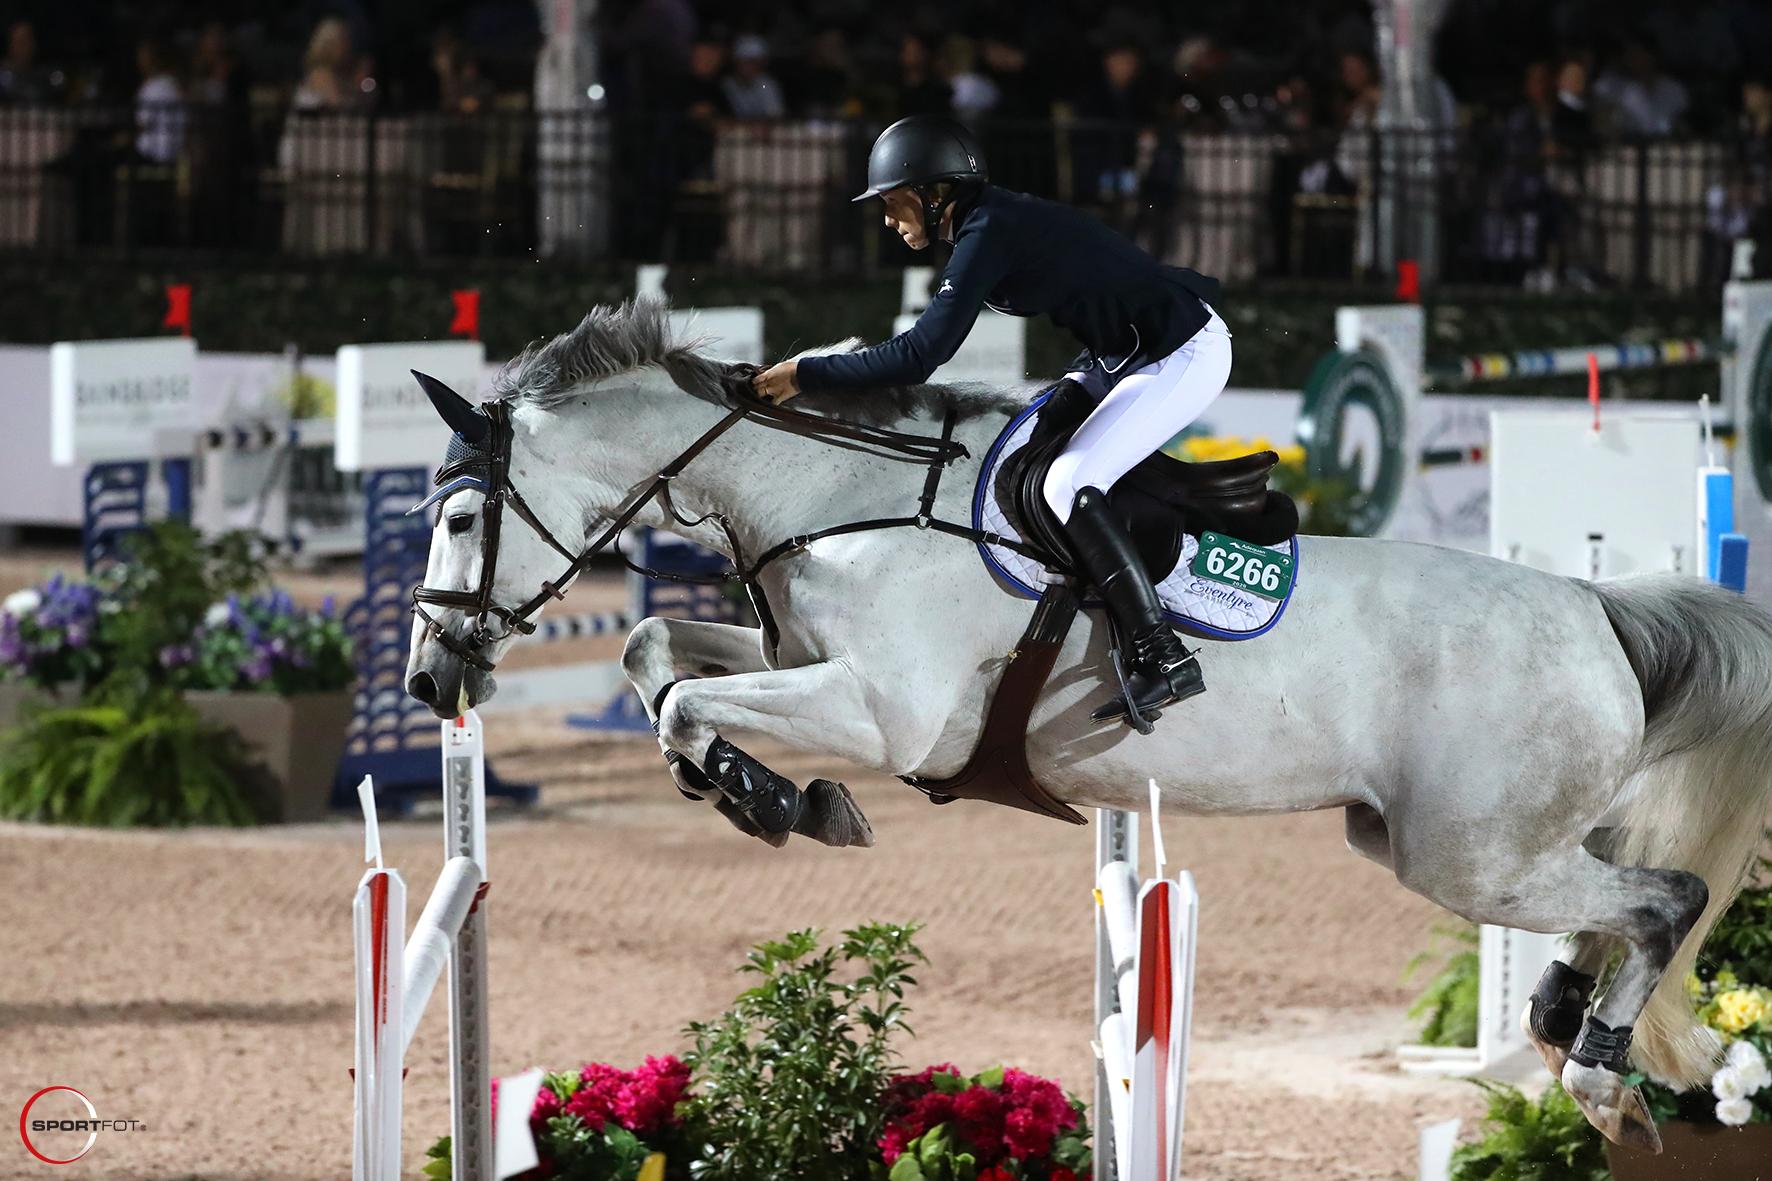 Rachel Cornacchia and Valkyrie de Talma by Sportfot 501_8544